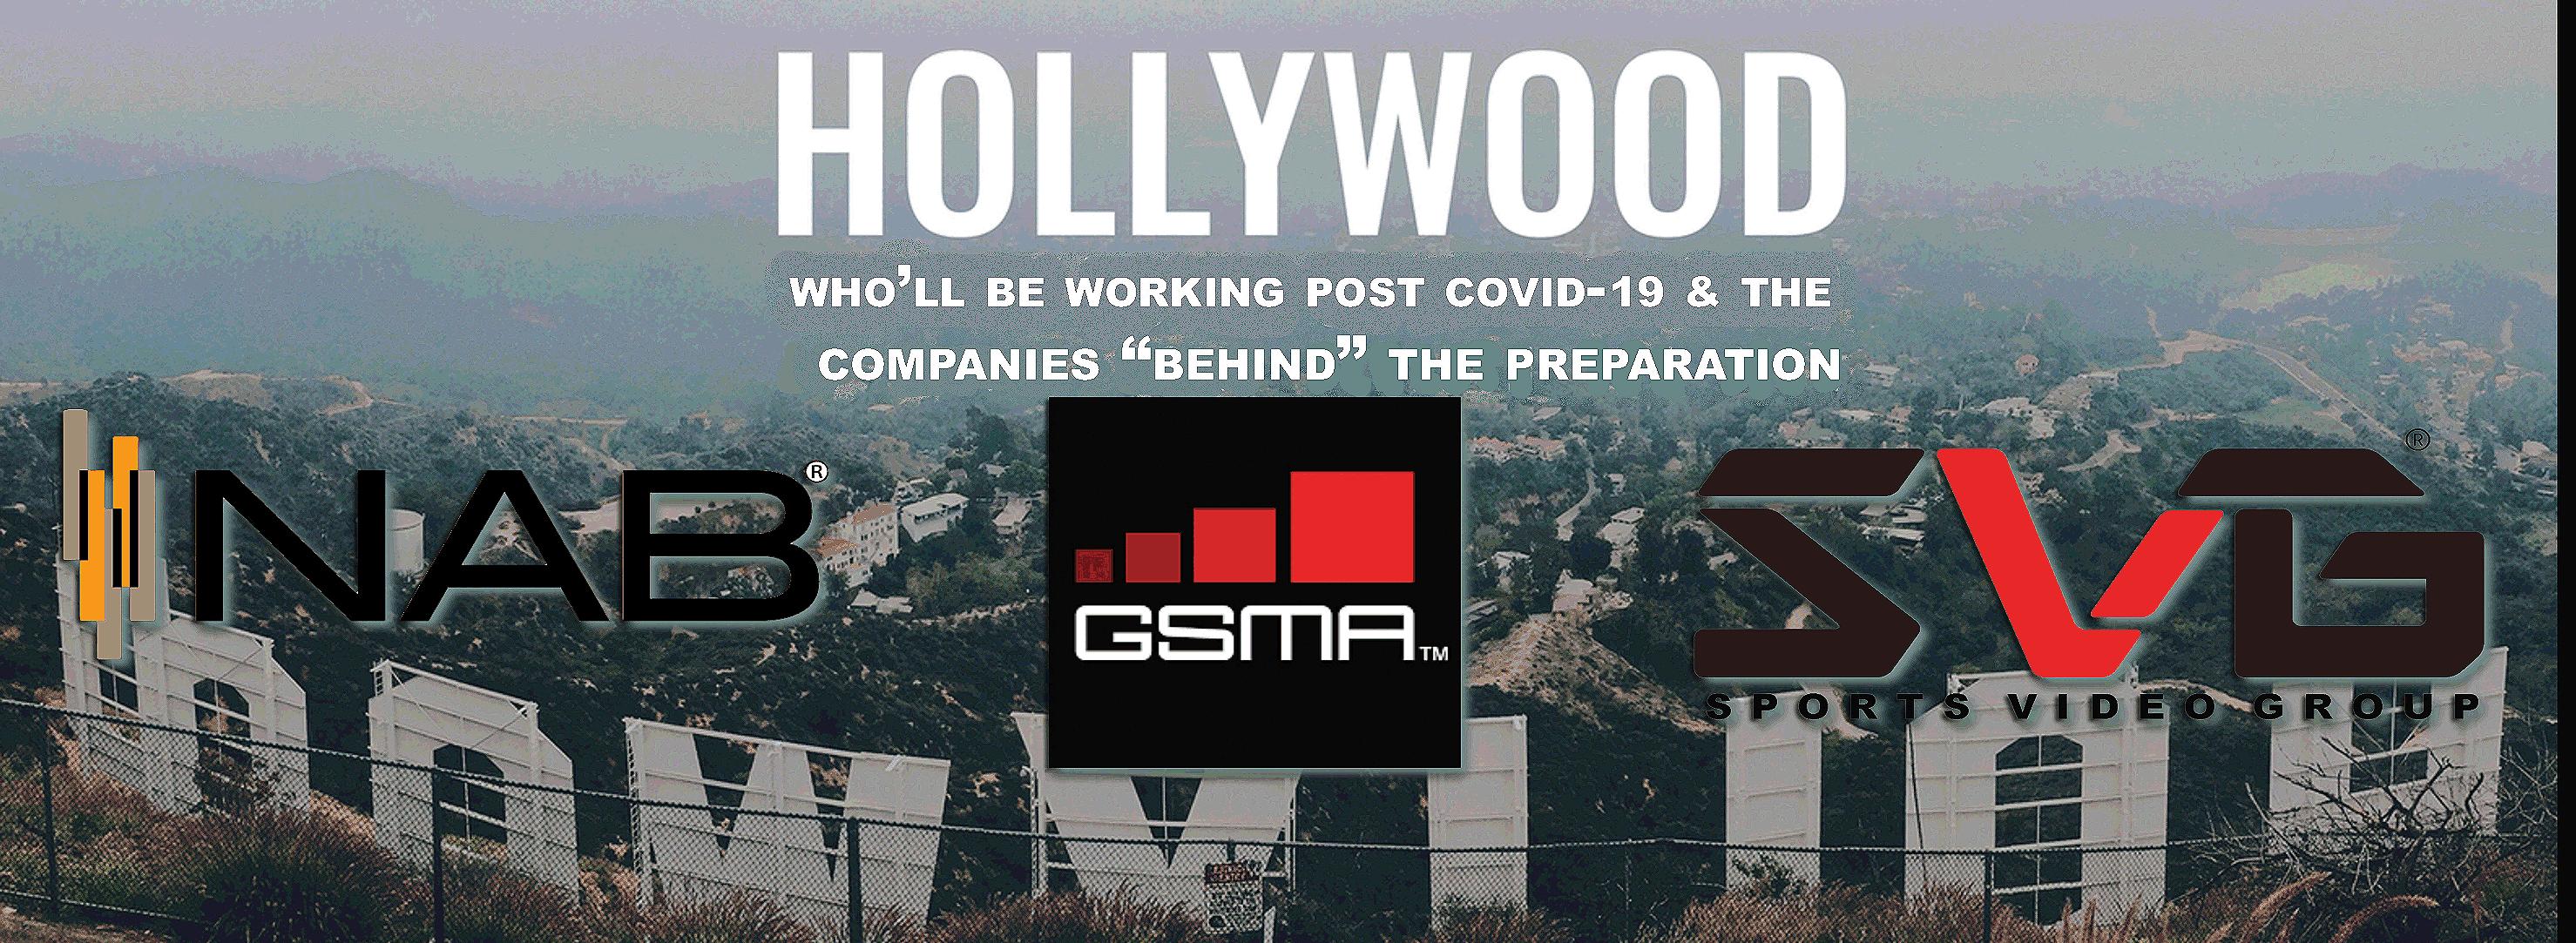 Behind-Hollywood revised